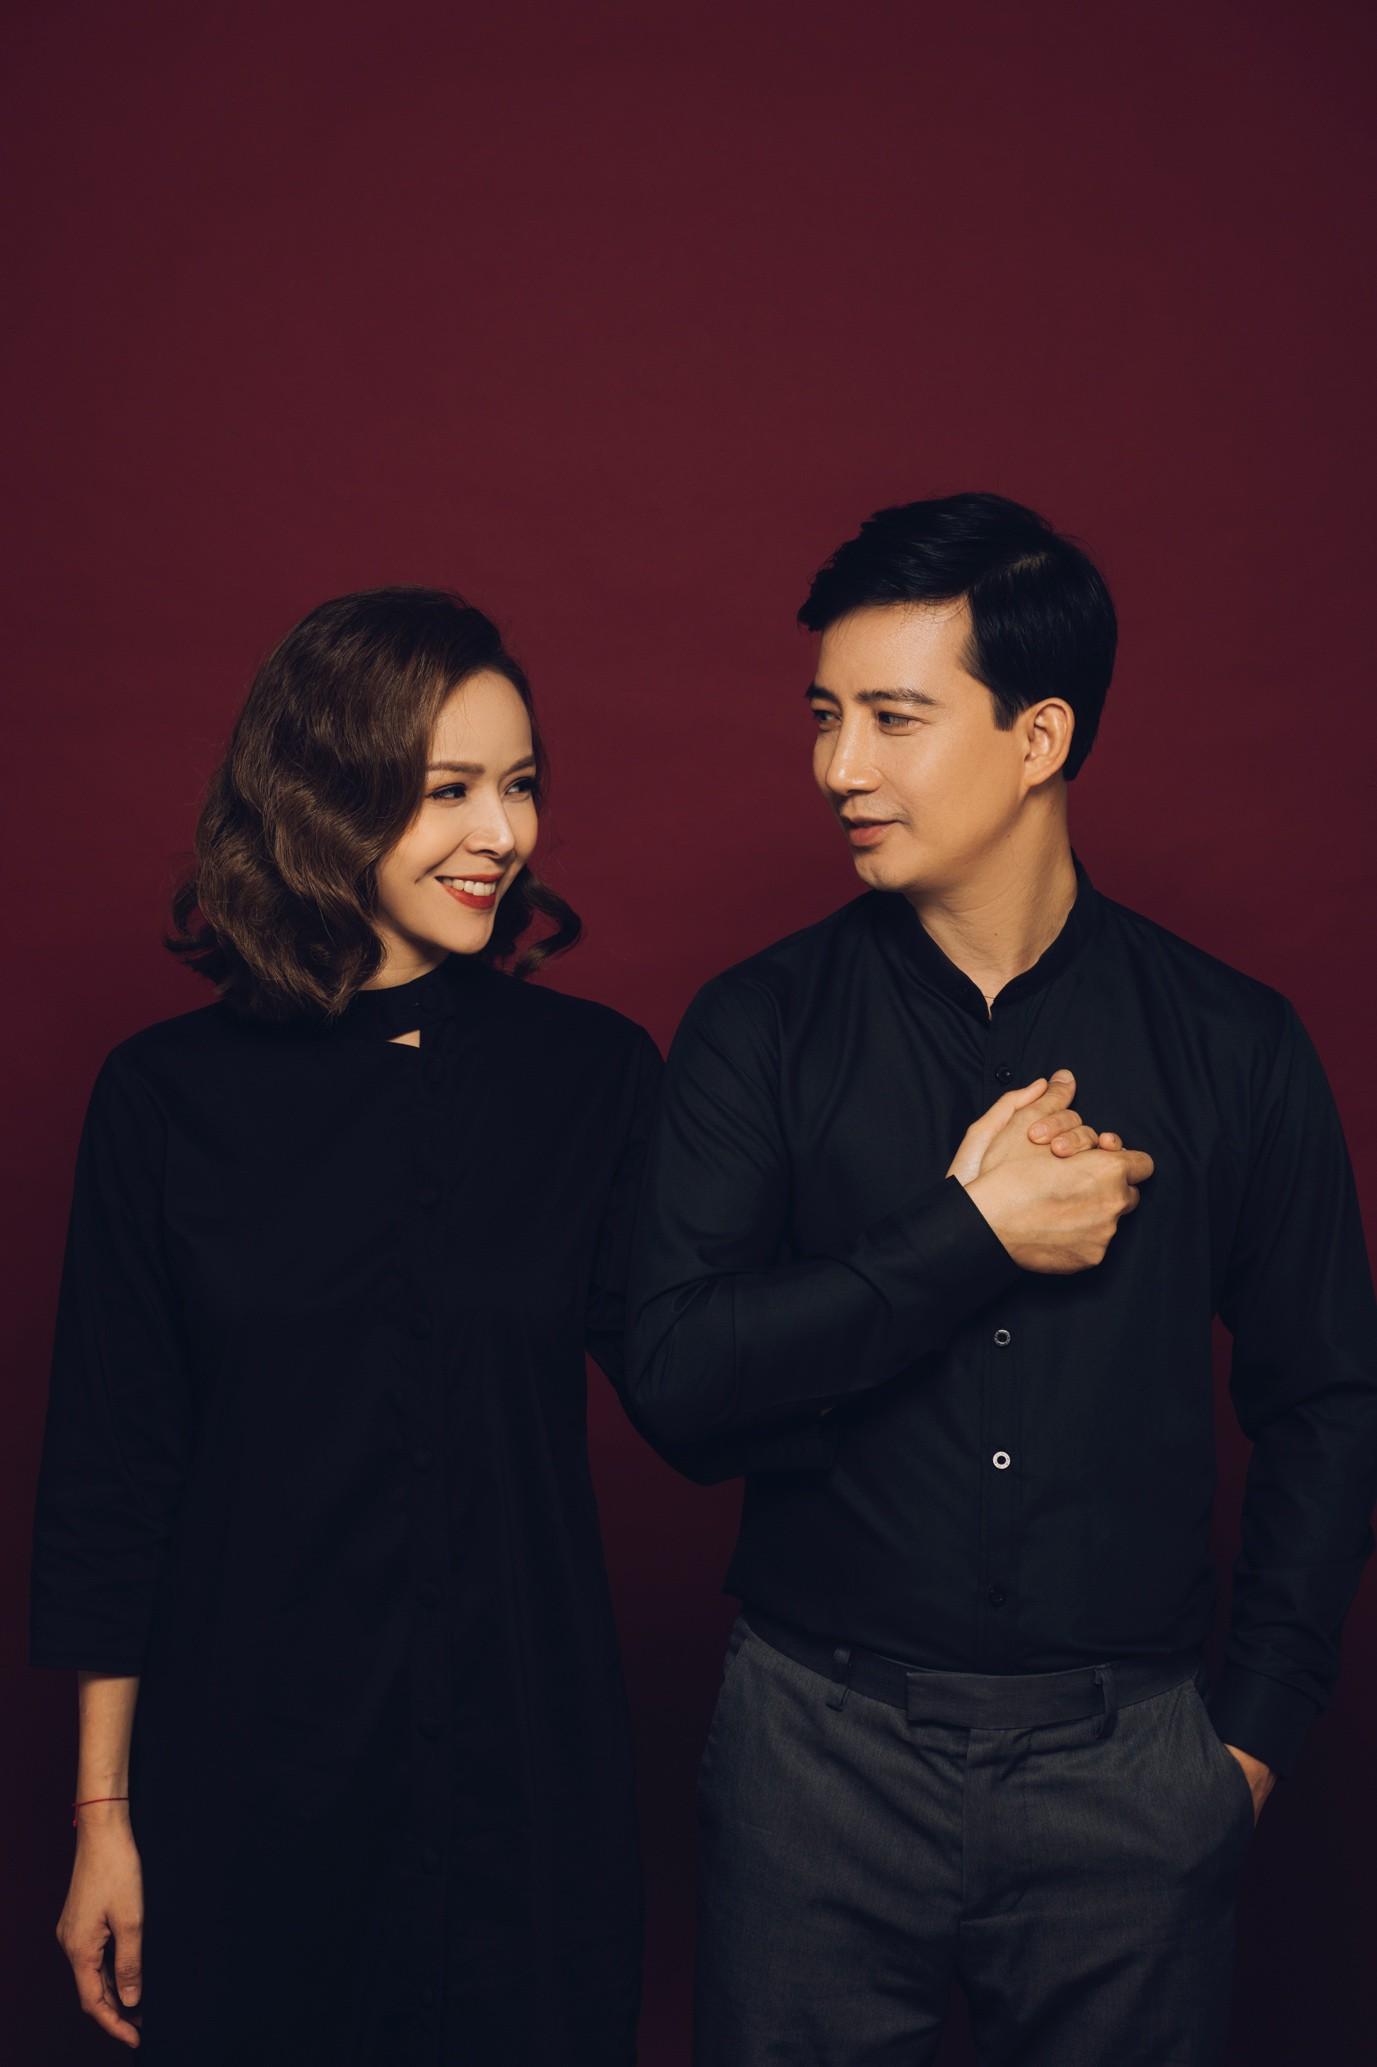 """Diễm Hương """"Những nhân viên gương mẫu"""" và chuyện tình đặc biệt với Hồng Quang - Ảnh 10."""